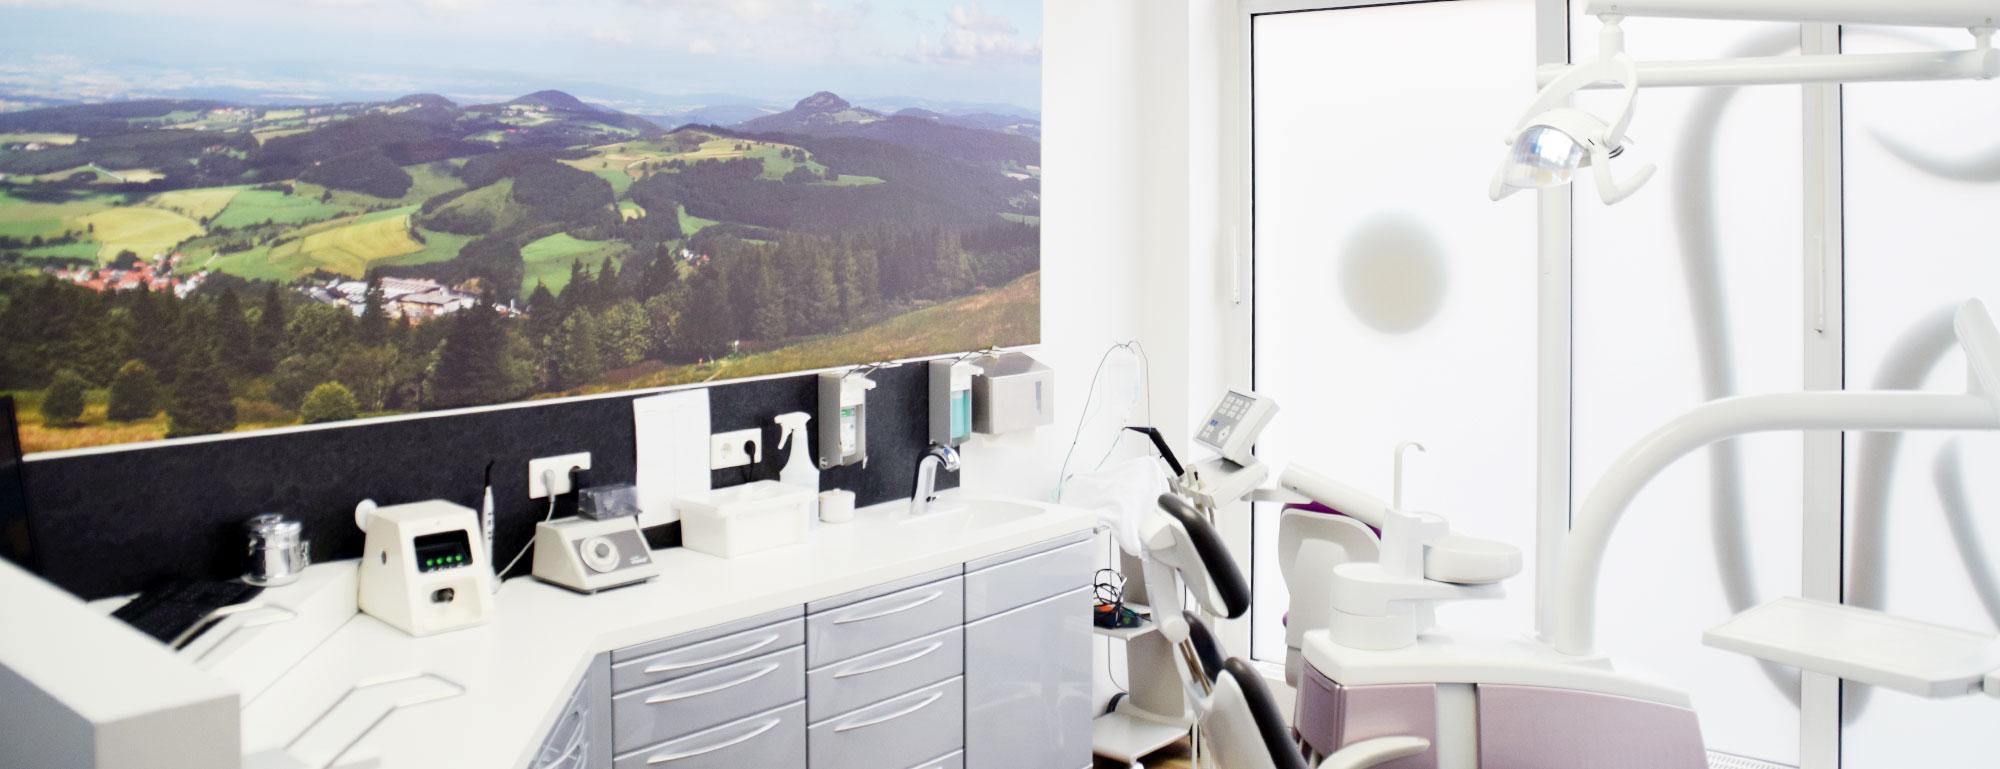 Leistungen – Zahnarztpraxis Fulda